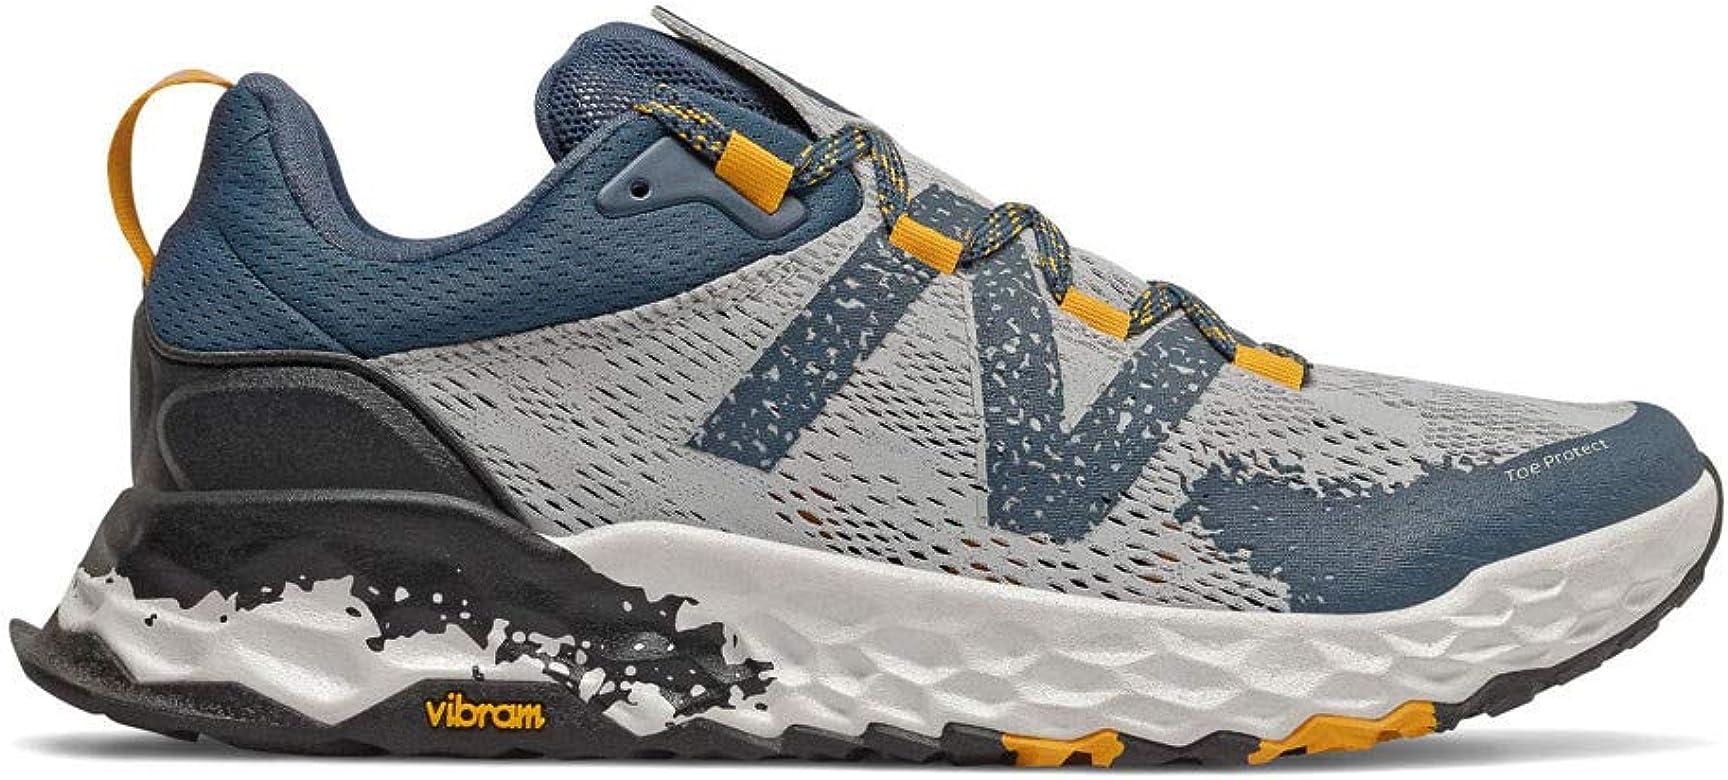 New Balance Fresh Foam Hierro V5, Zapato para Correr Estilo Trail Running para Hombre: Amazon.es: Zapatos y complementos